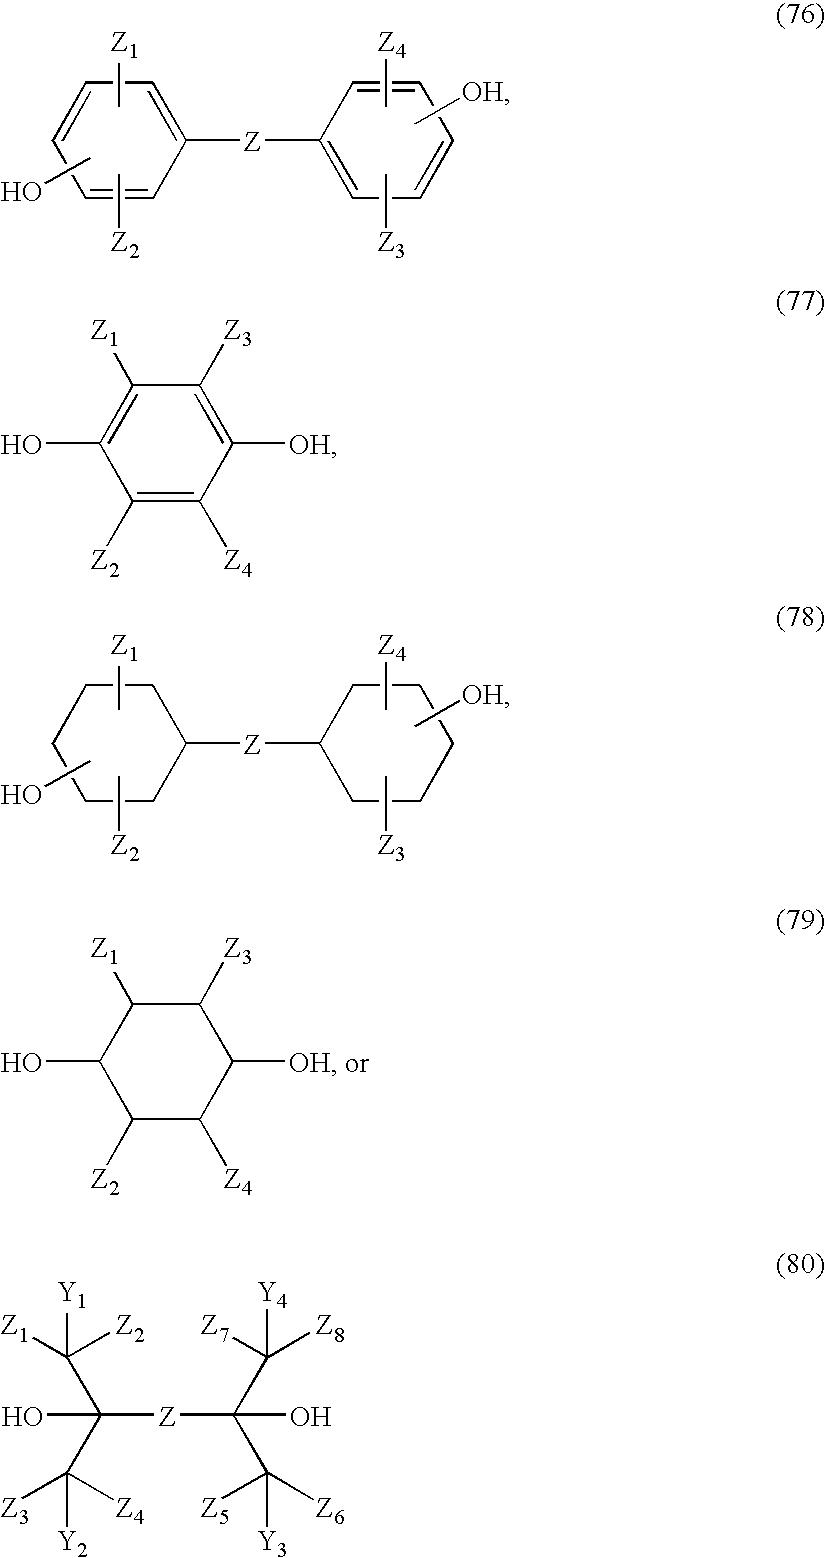 Figure US20050272530A1-20051208-C00051